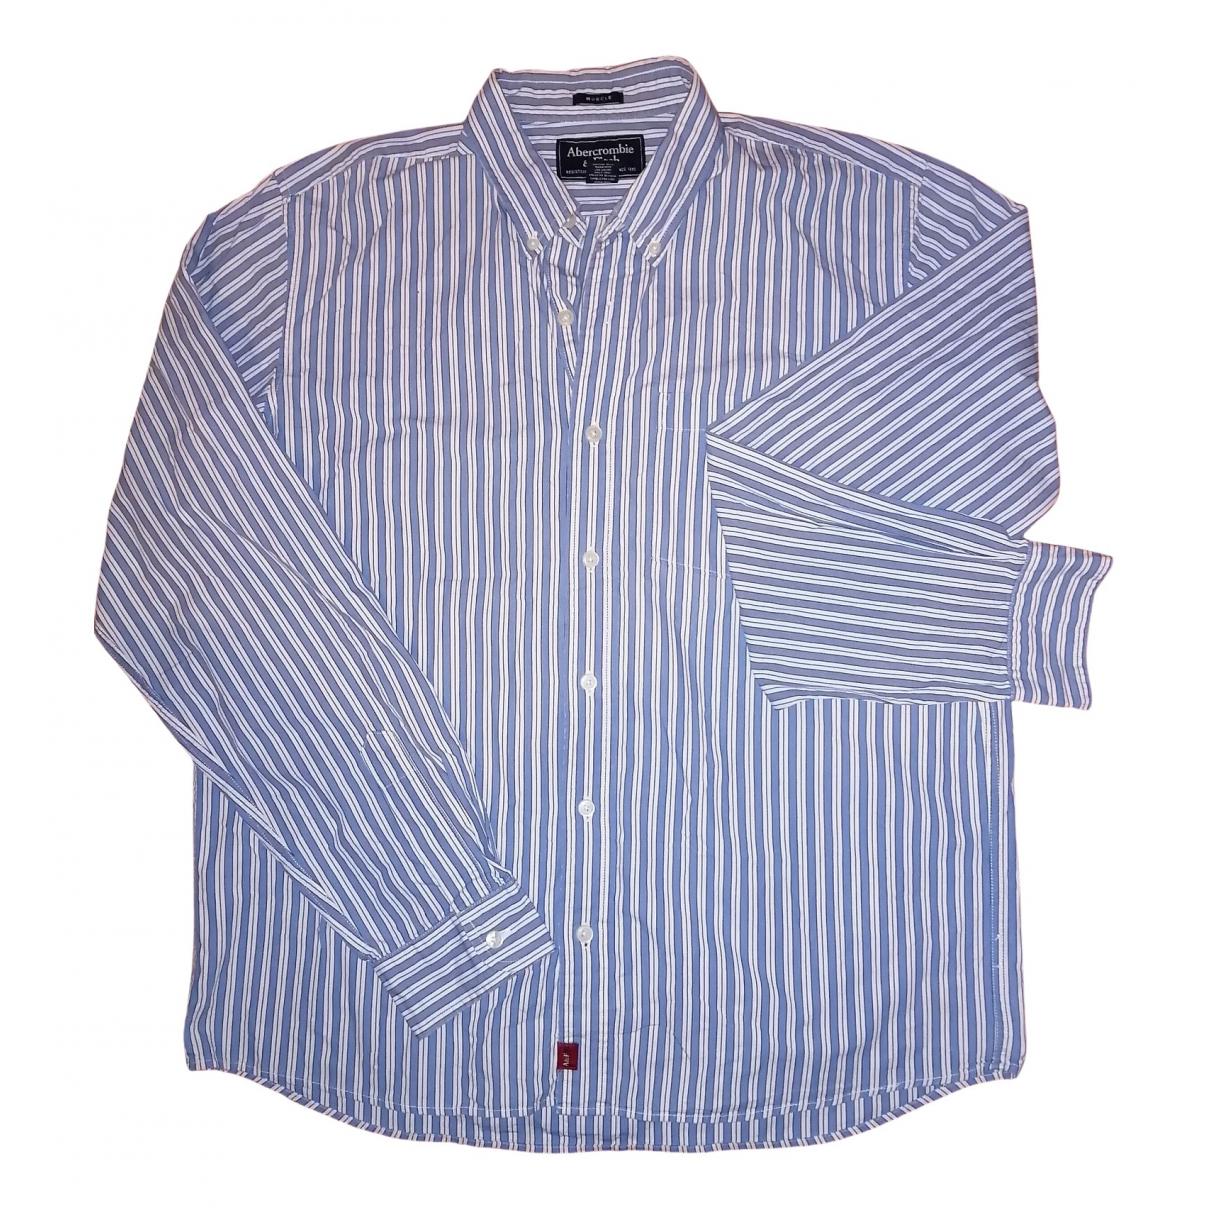 Abercrombie & Fitch - Polos   pour homme en coton - multicolore